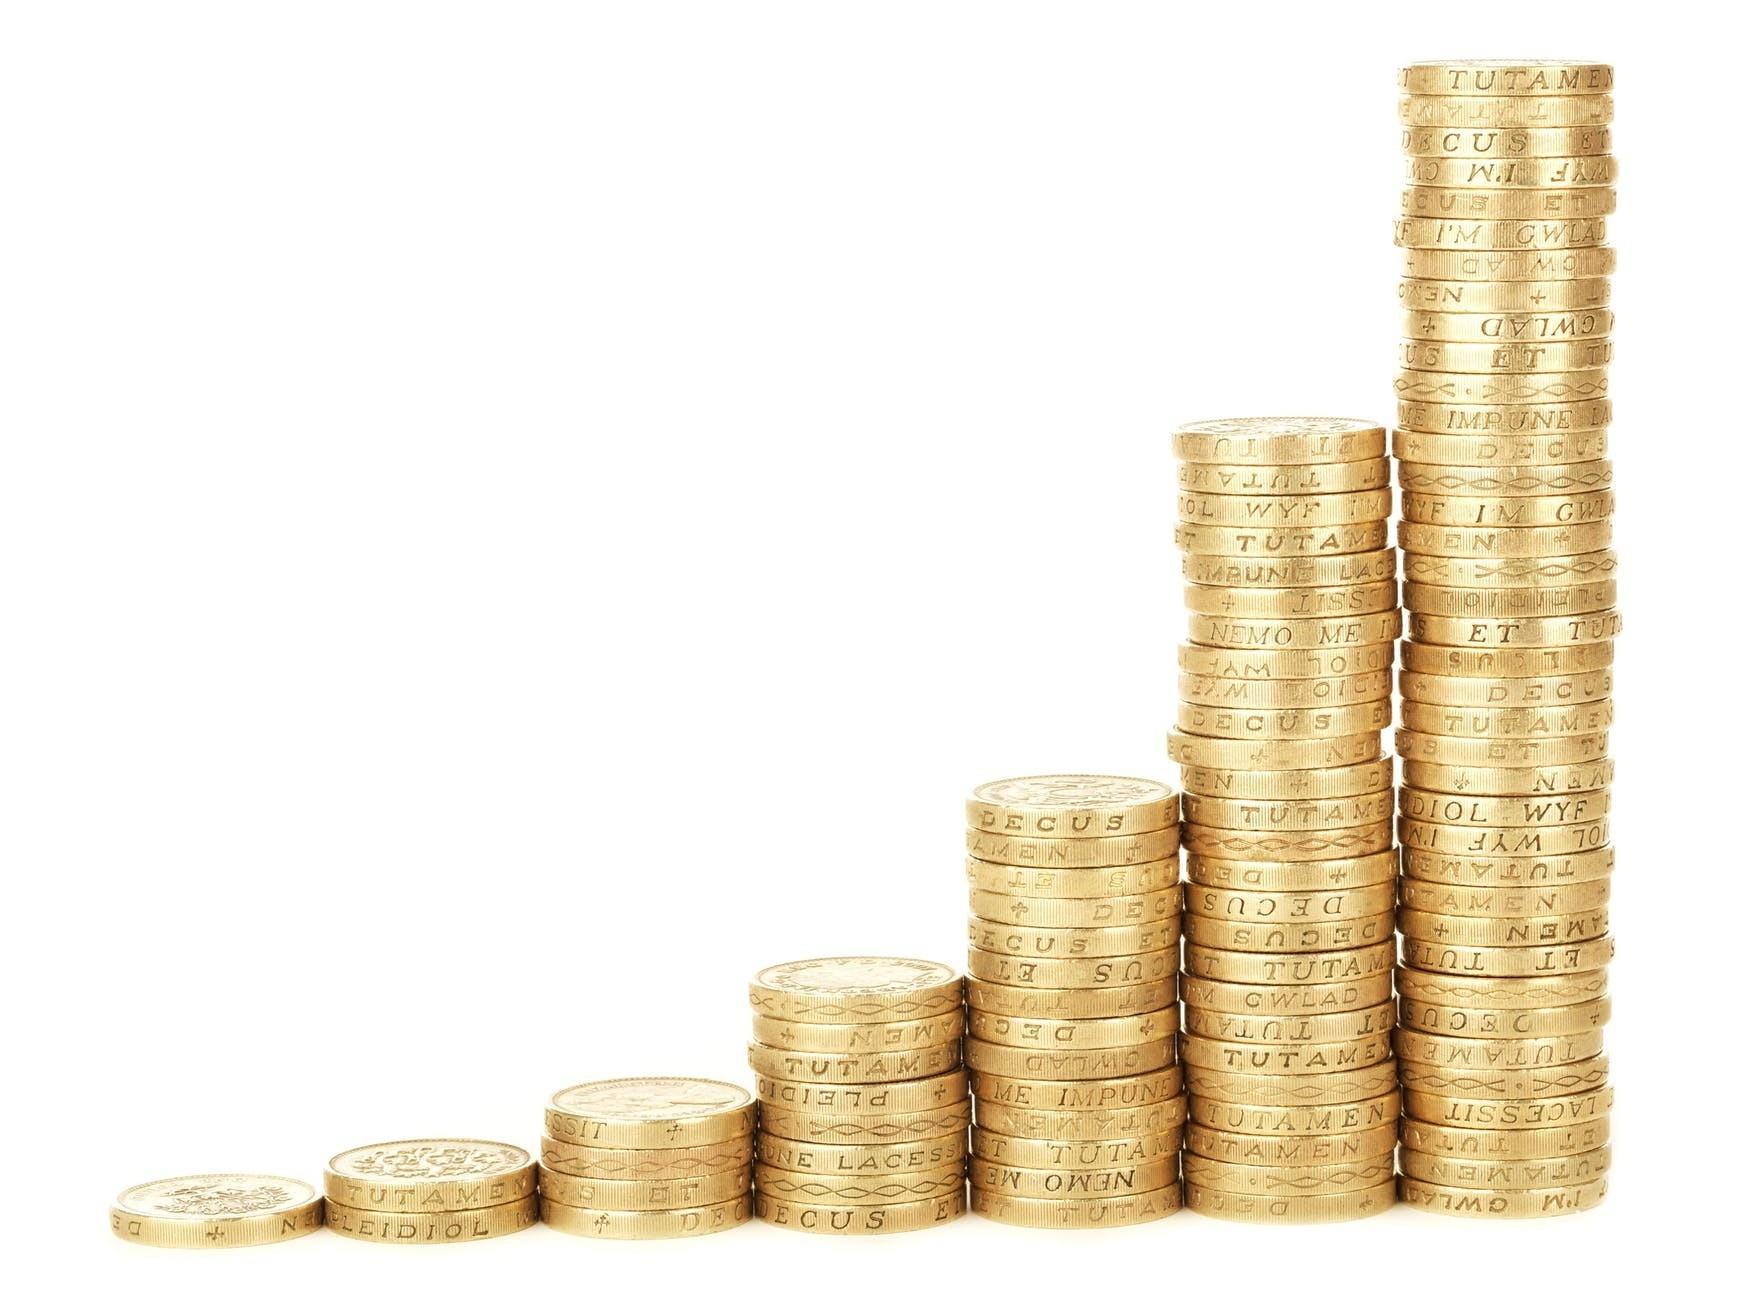 Как откладывать деньги с зарплаты правильно: разумное распределение